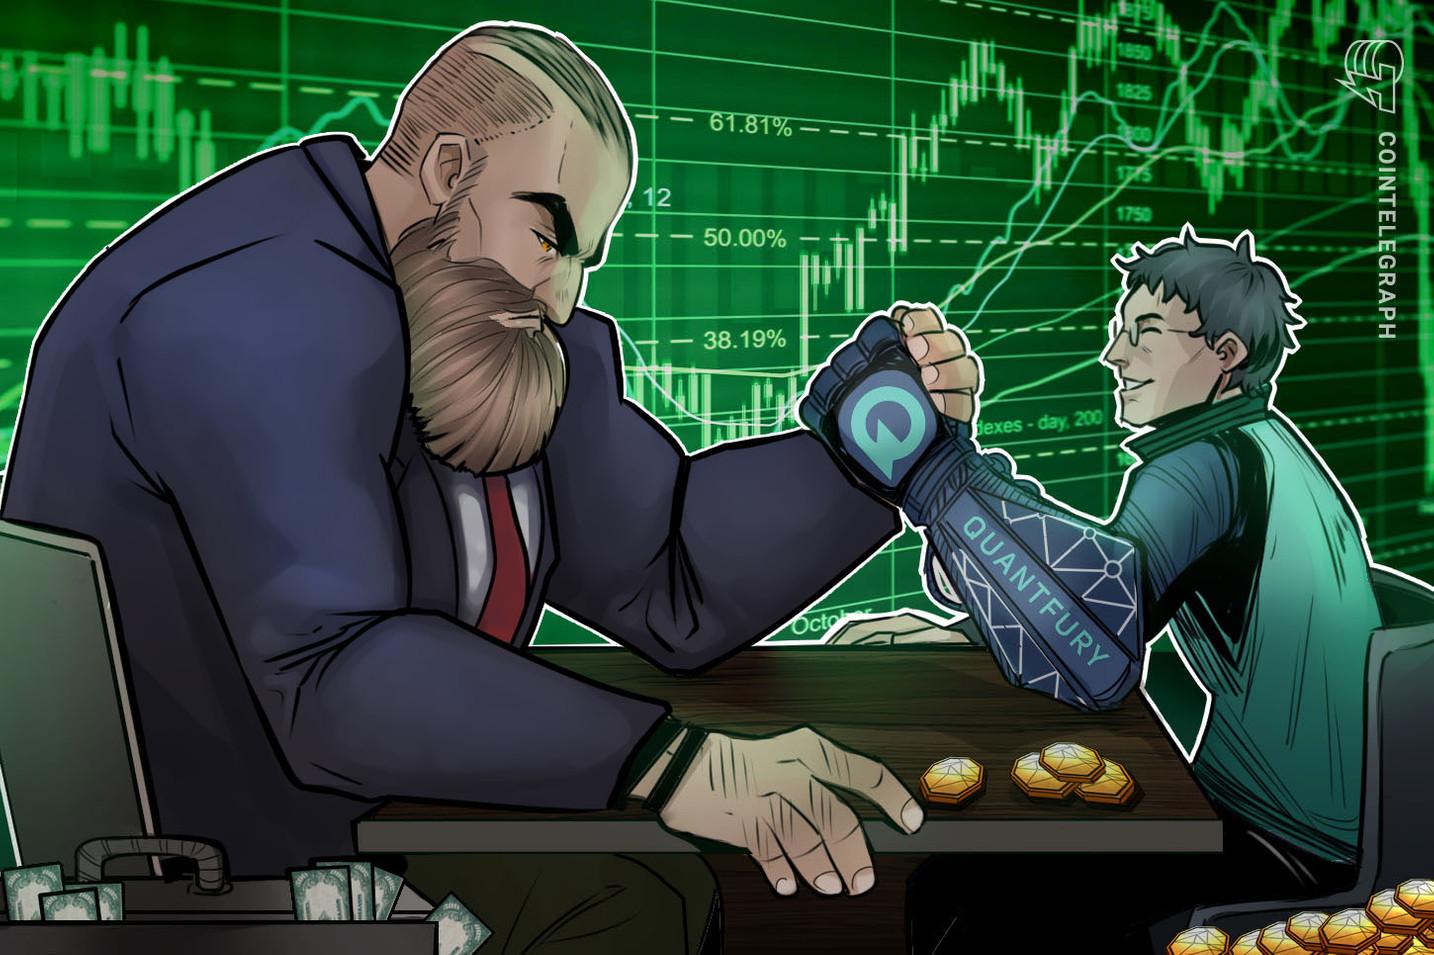 Come utilizzare le proprie criptovalute per fare trading sui mercati finanziari tradizionali, con leva e commissioni gratuite